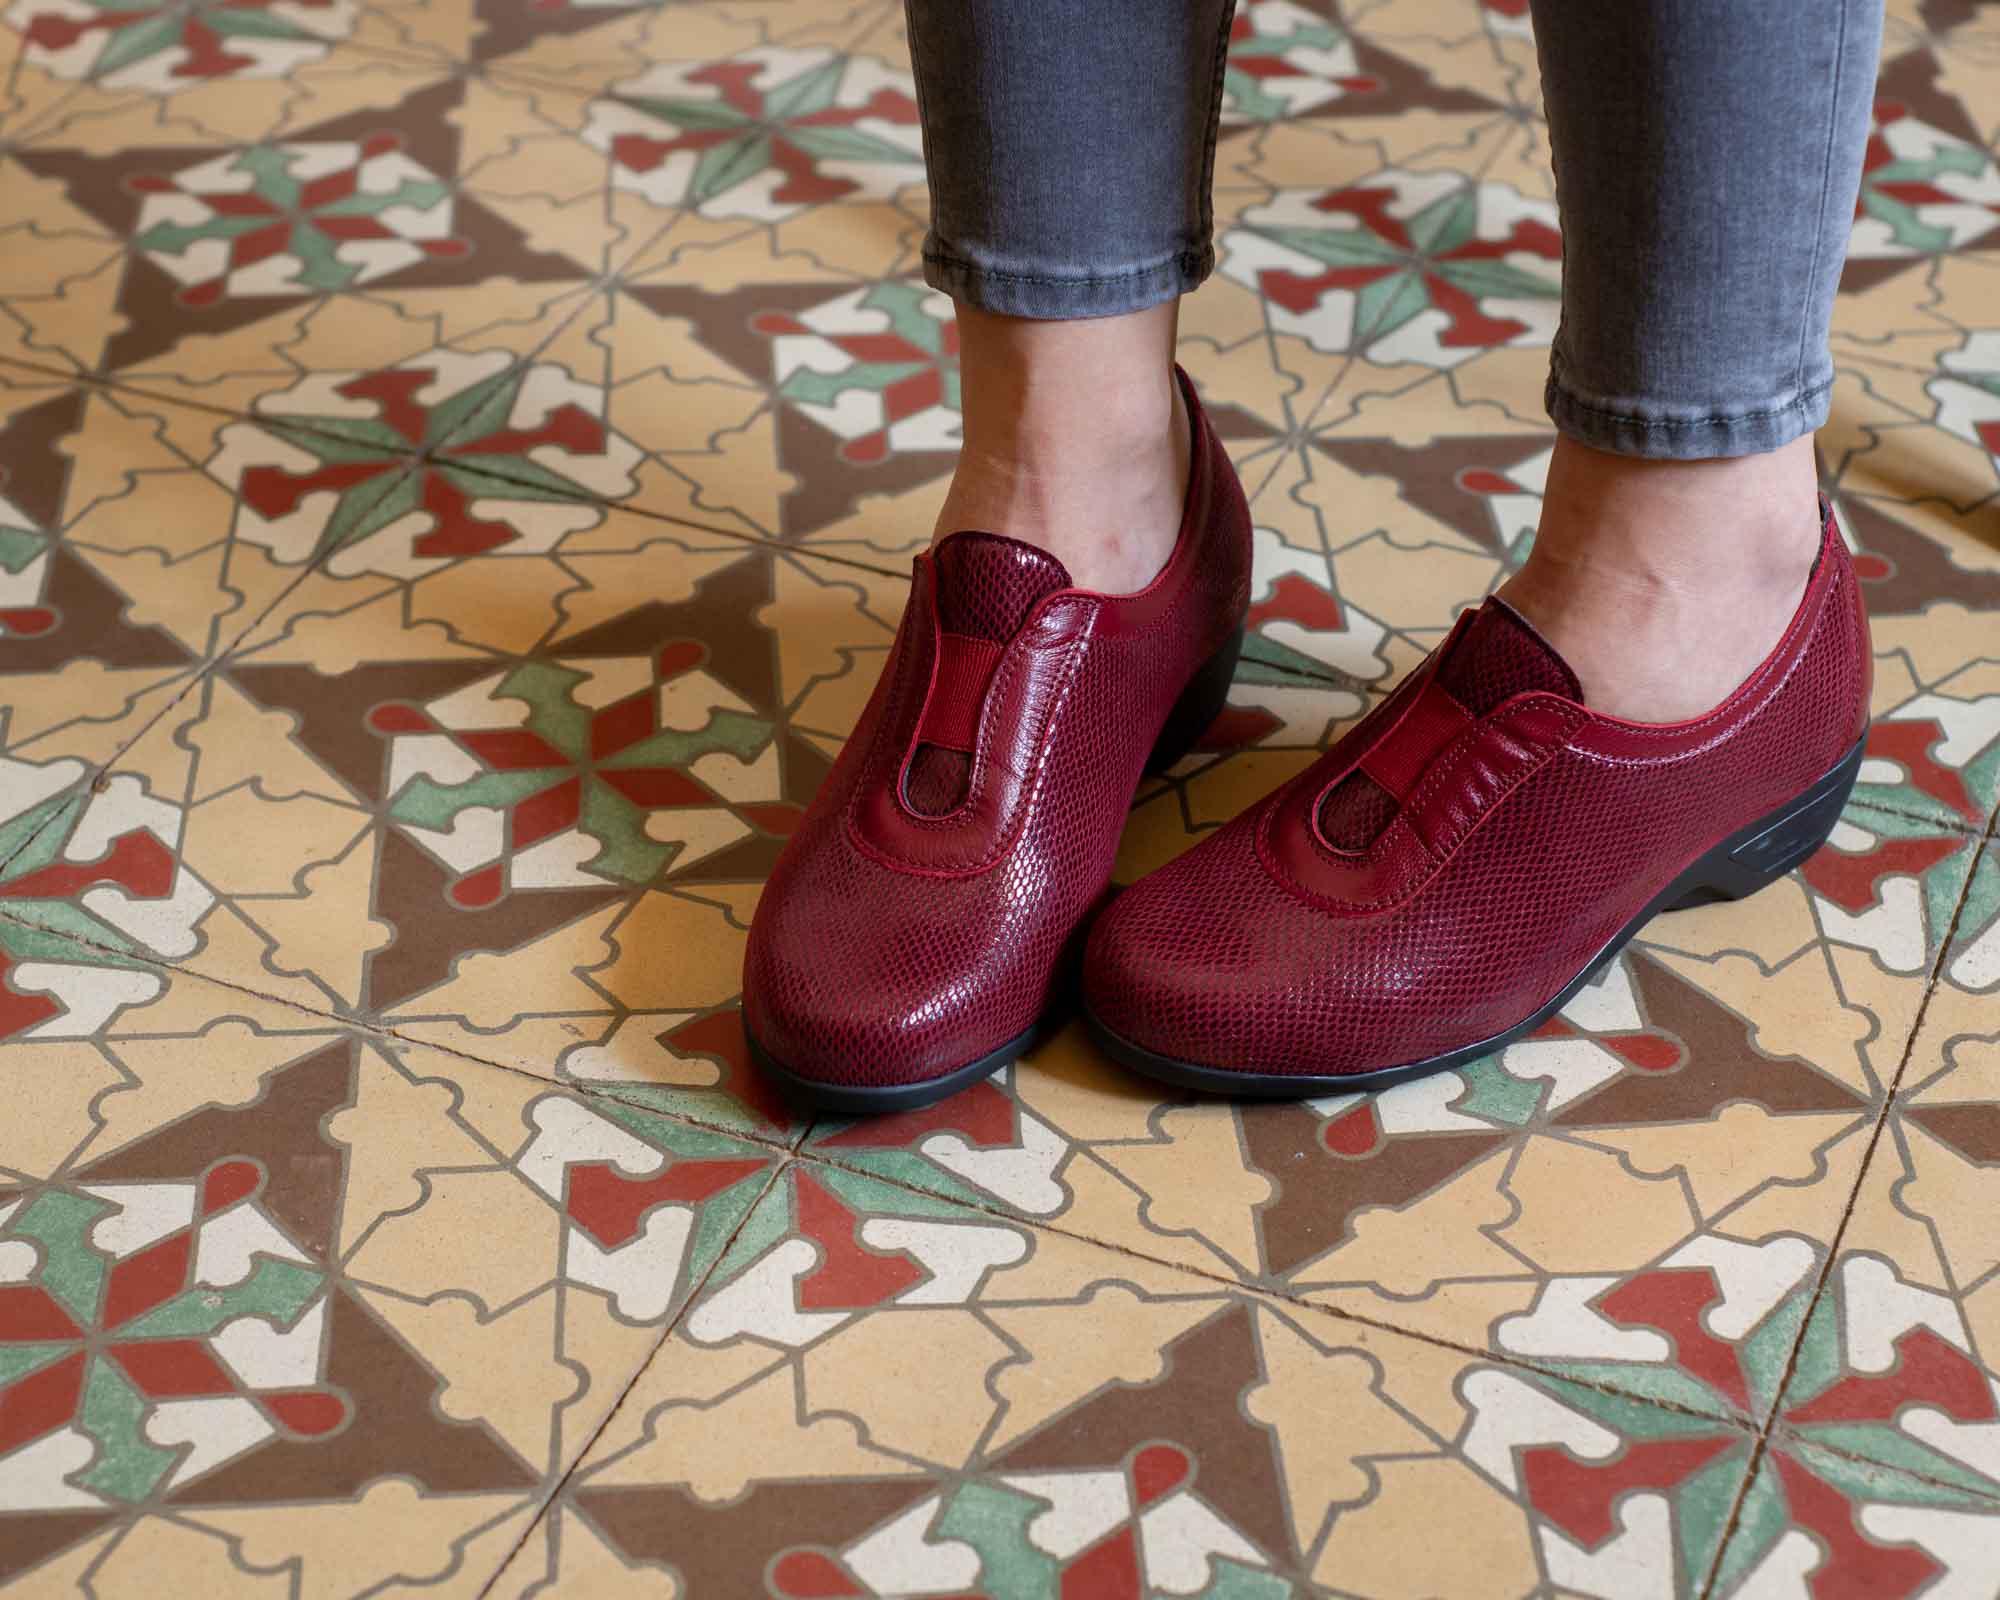 Piernas de mujer con zapatos rojos, con baldosas marrones españoles